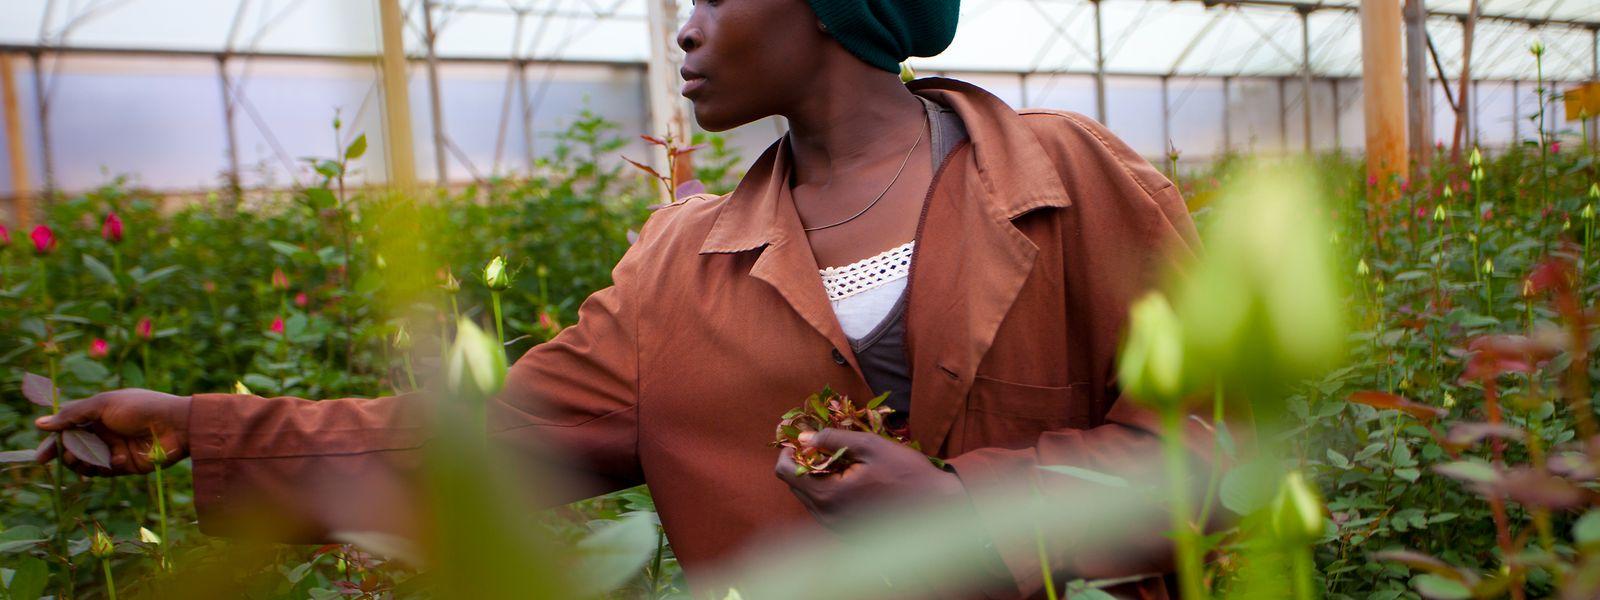 Etwa die Hälfte der Rosen, die in Luxemburg verkauft werden, stammt aus Fairtrade-zertifizierten Plantagen.